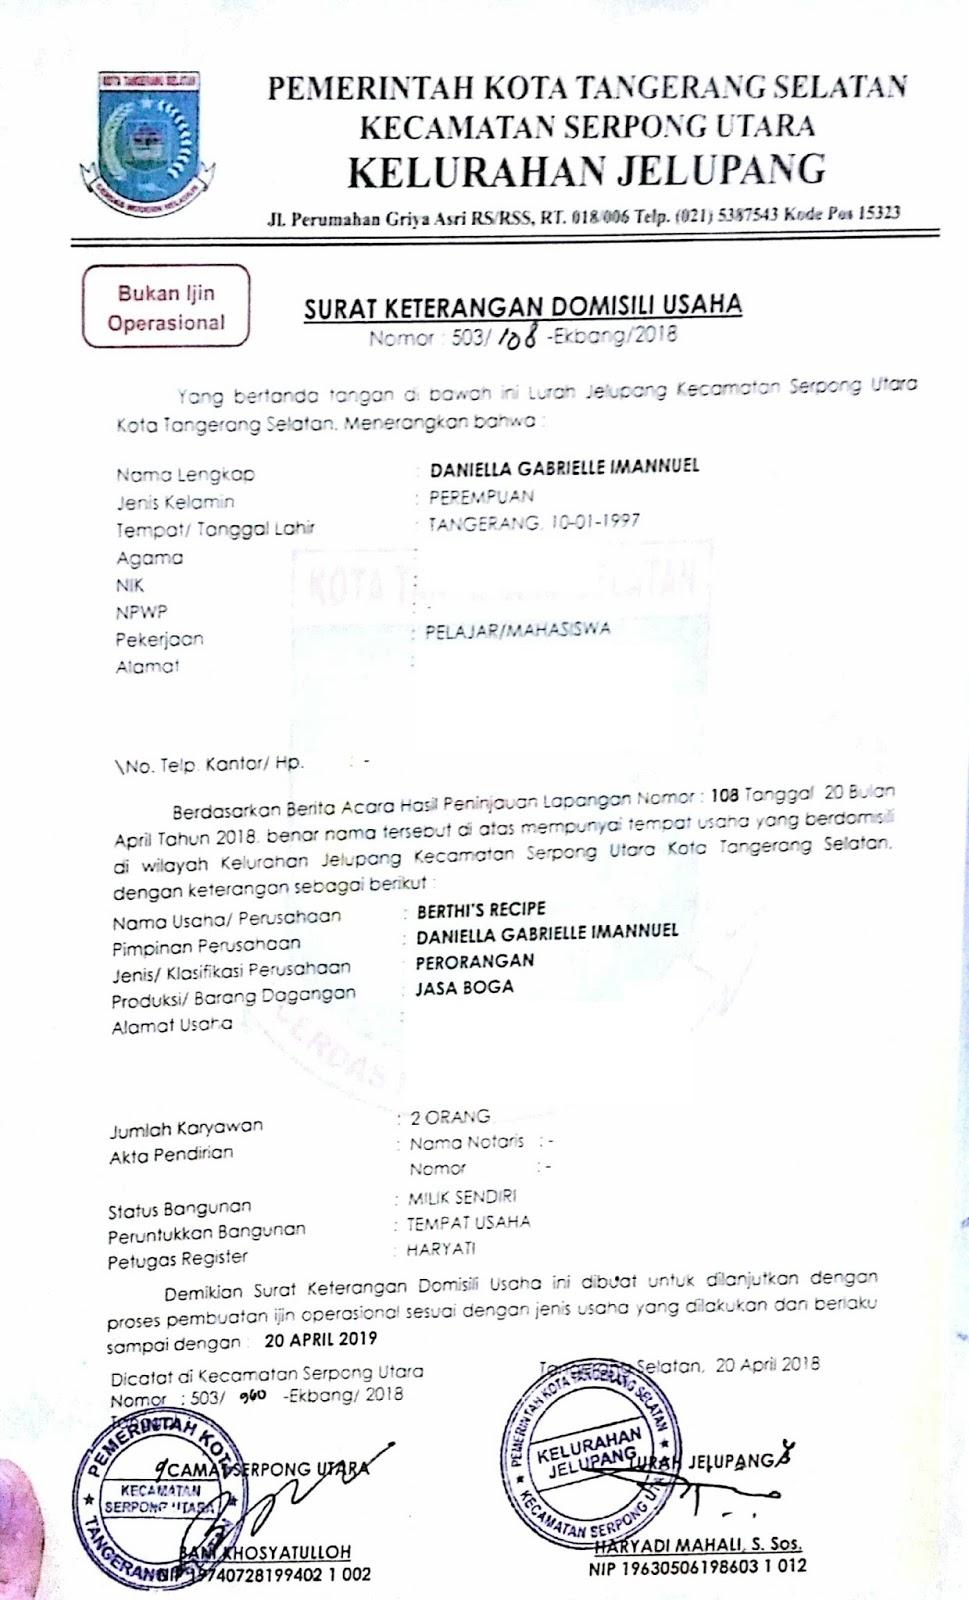 Surat Keterangan Domisili Usaha Tangerang Selatan Surat